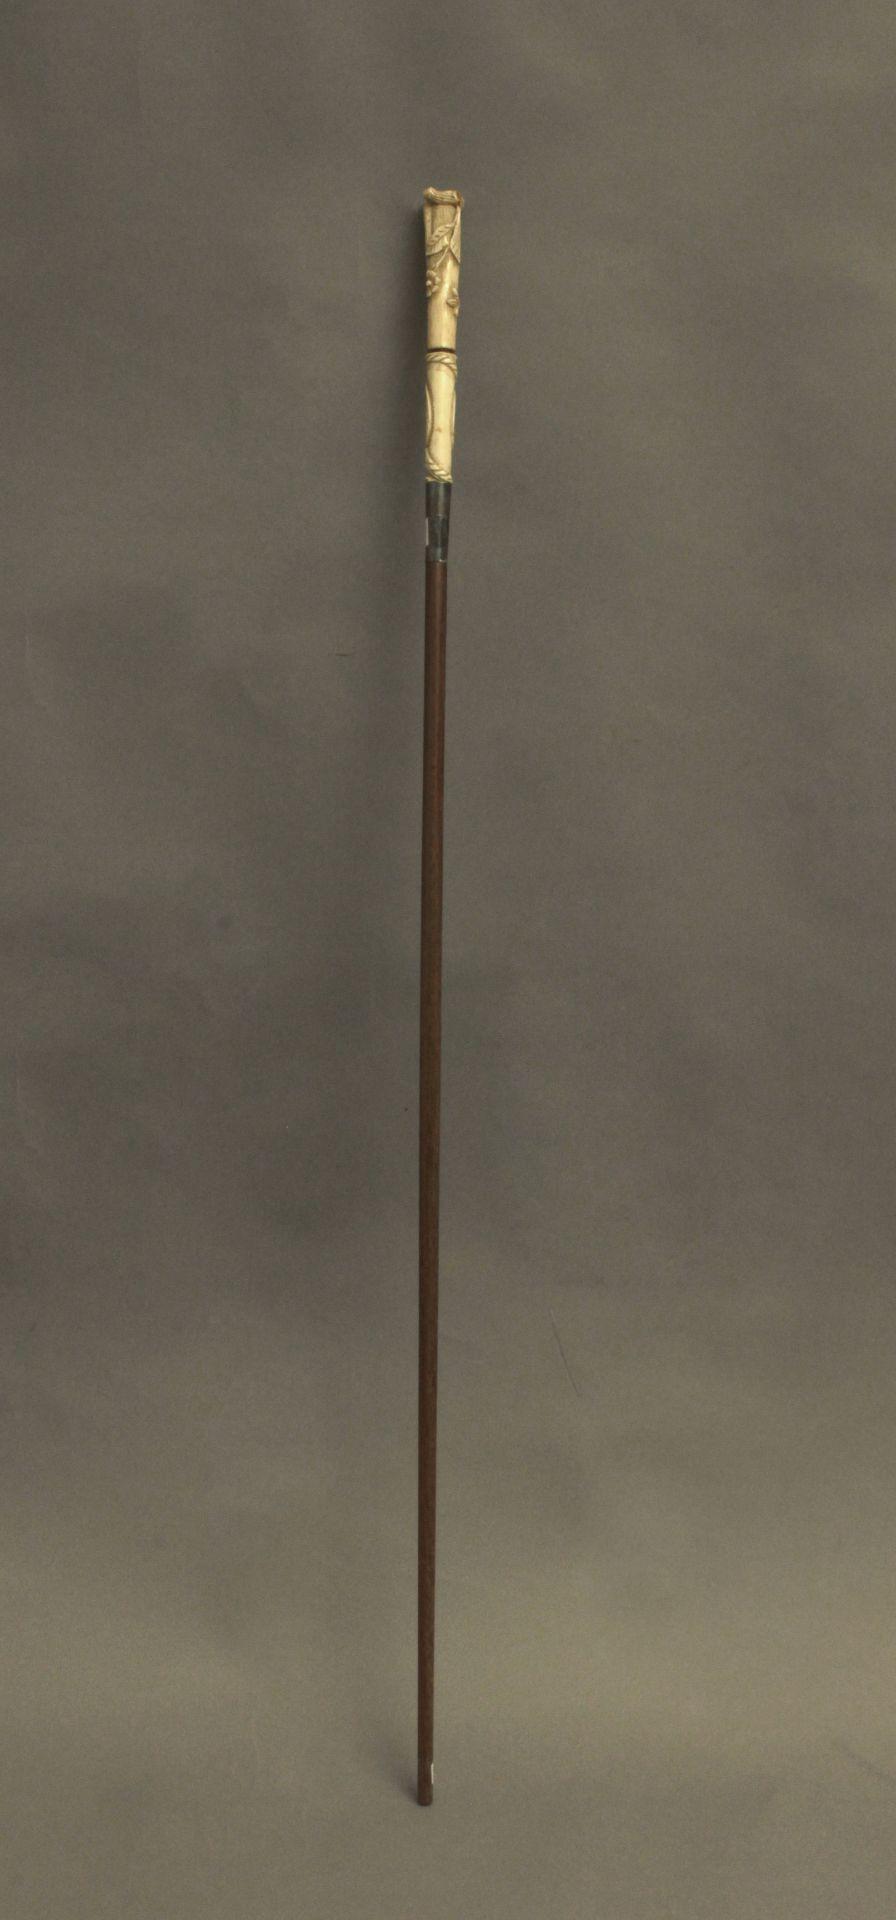 A 19th century walking stick - Bild 3 aus 7